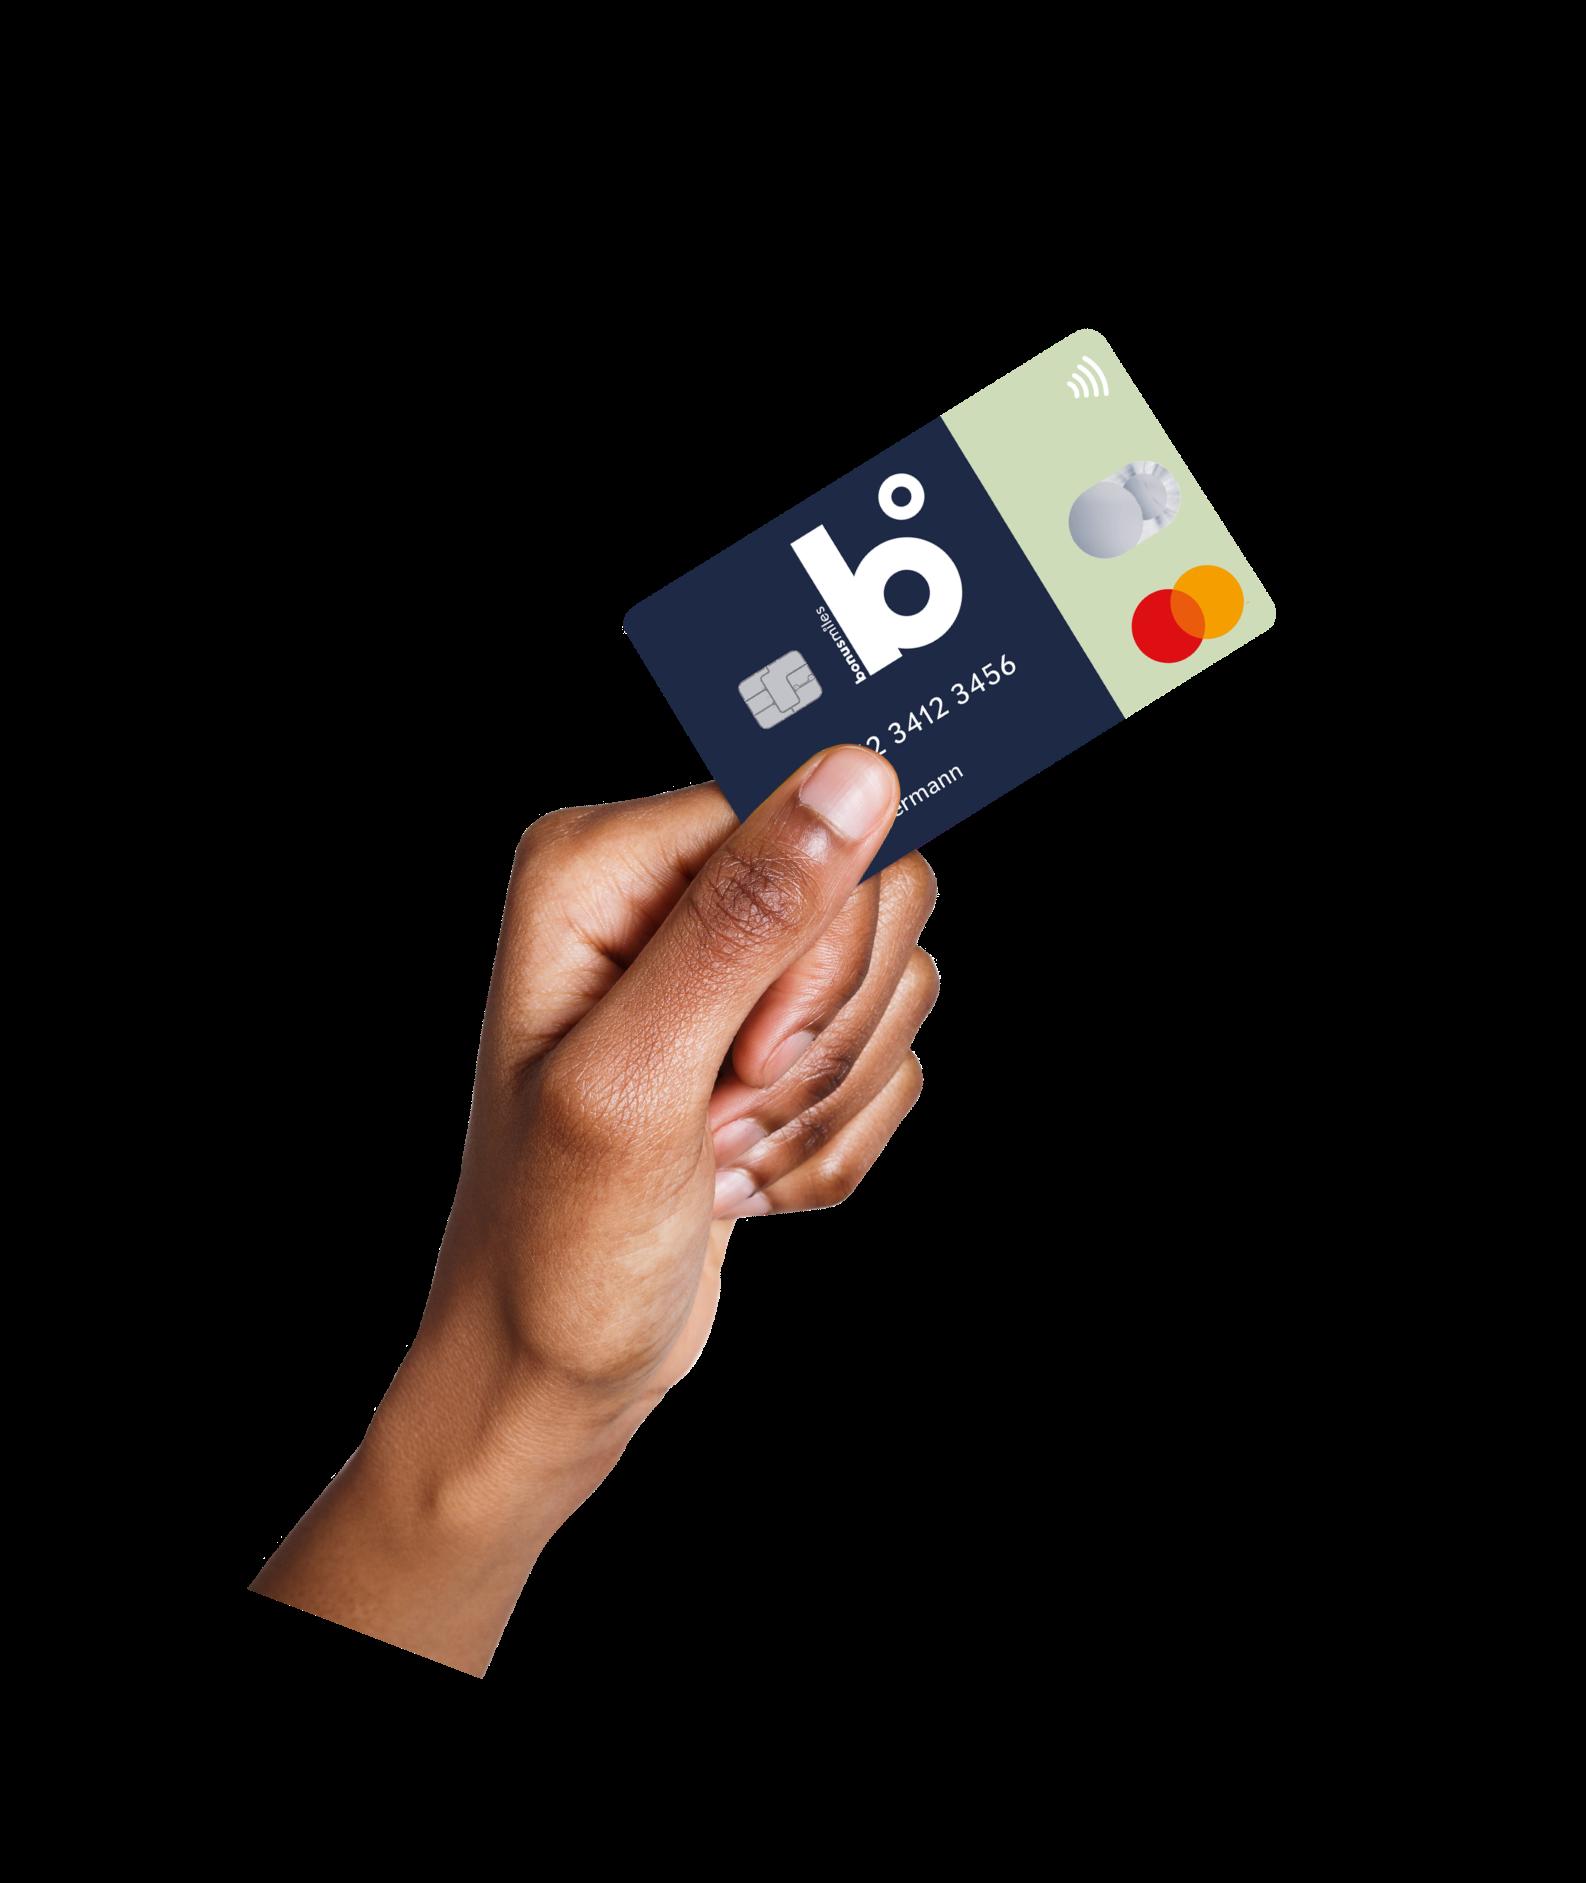 b°miles Kreditkarte der Commerzbank - inkl. Startguthaben und Meilen